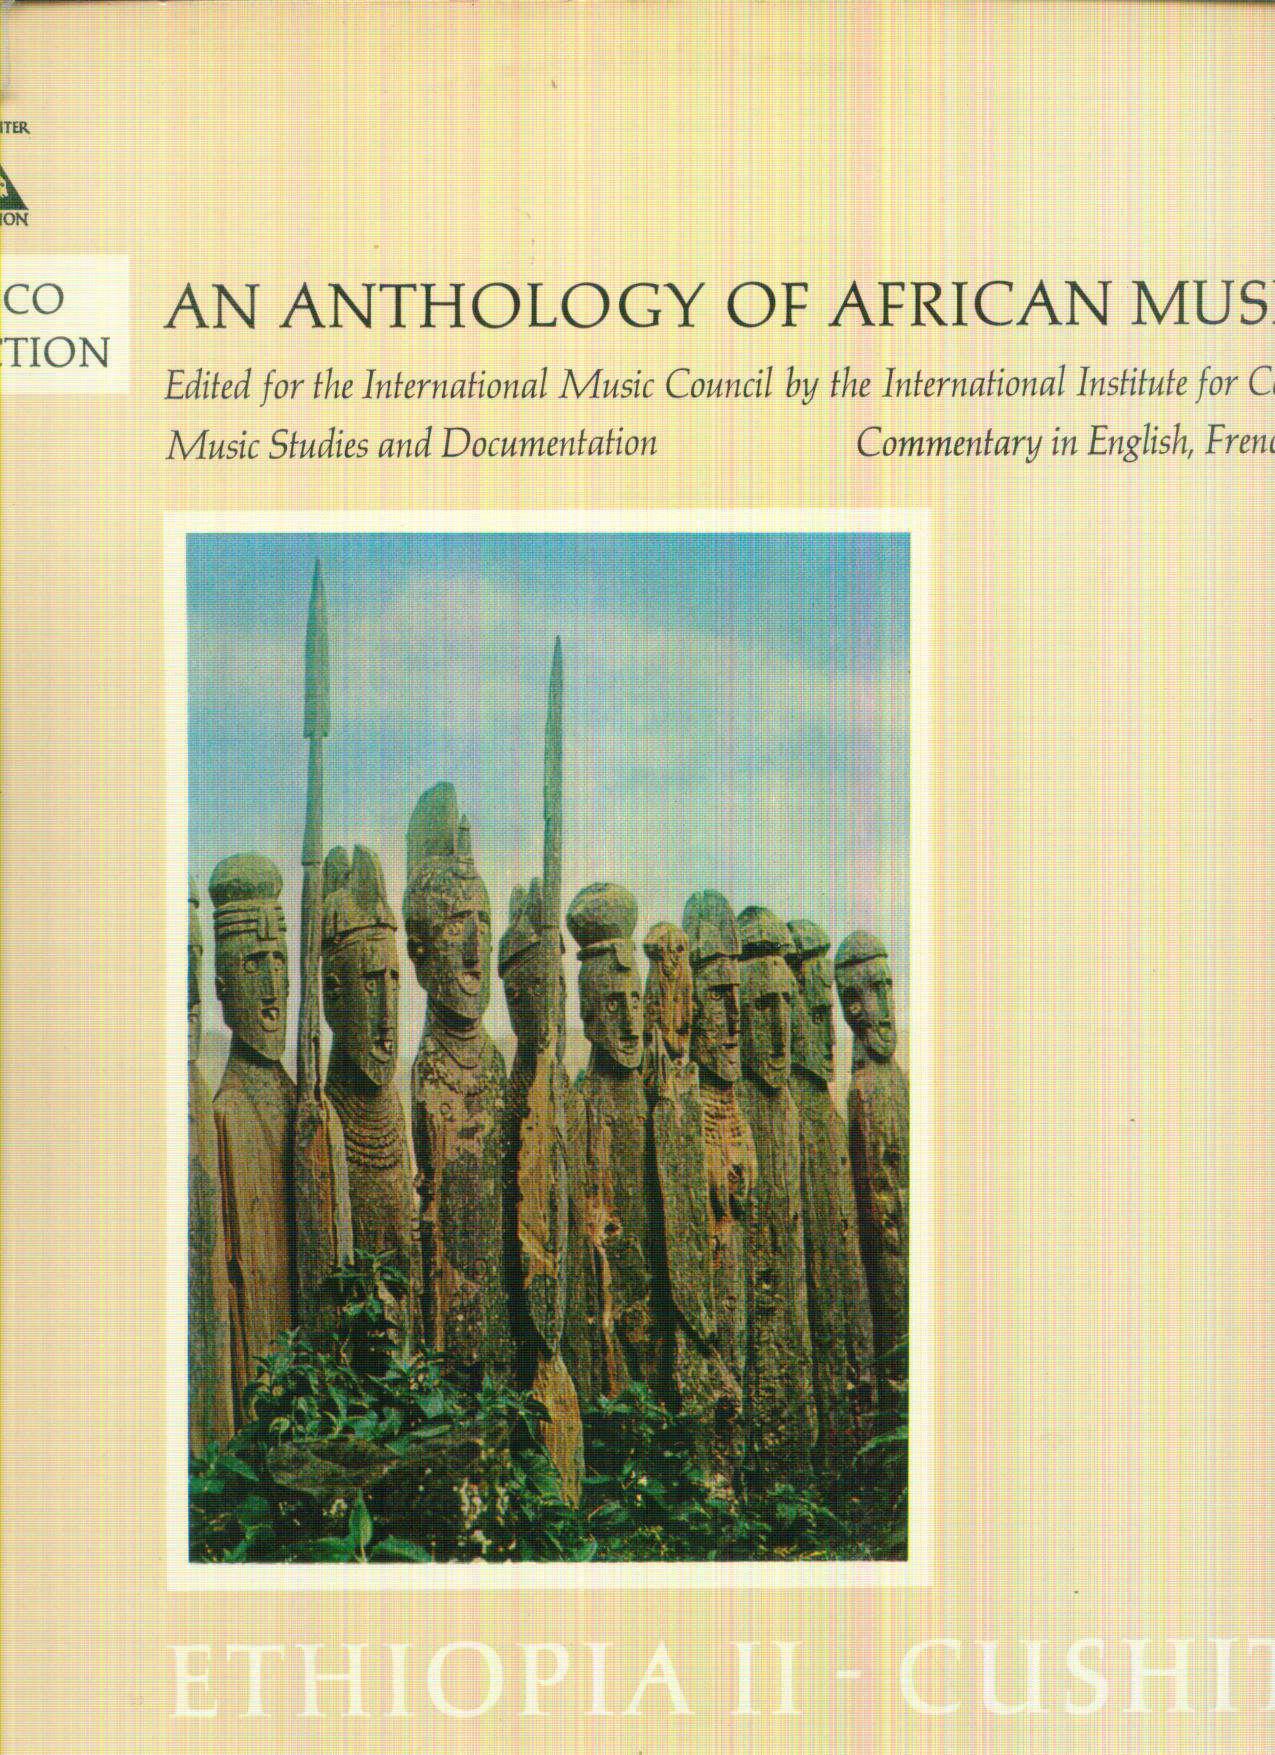 ANTHOLOGY OF AFRICAN MUSIC ANTHOLOGY OF AFRICAN MUSIC : ETHIOPIA - CUSHITES